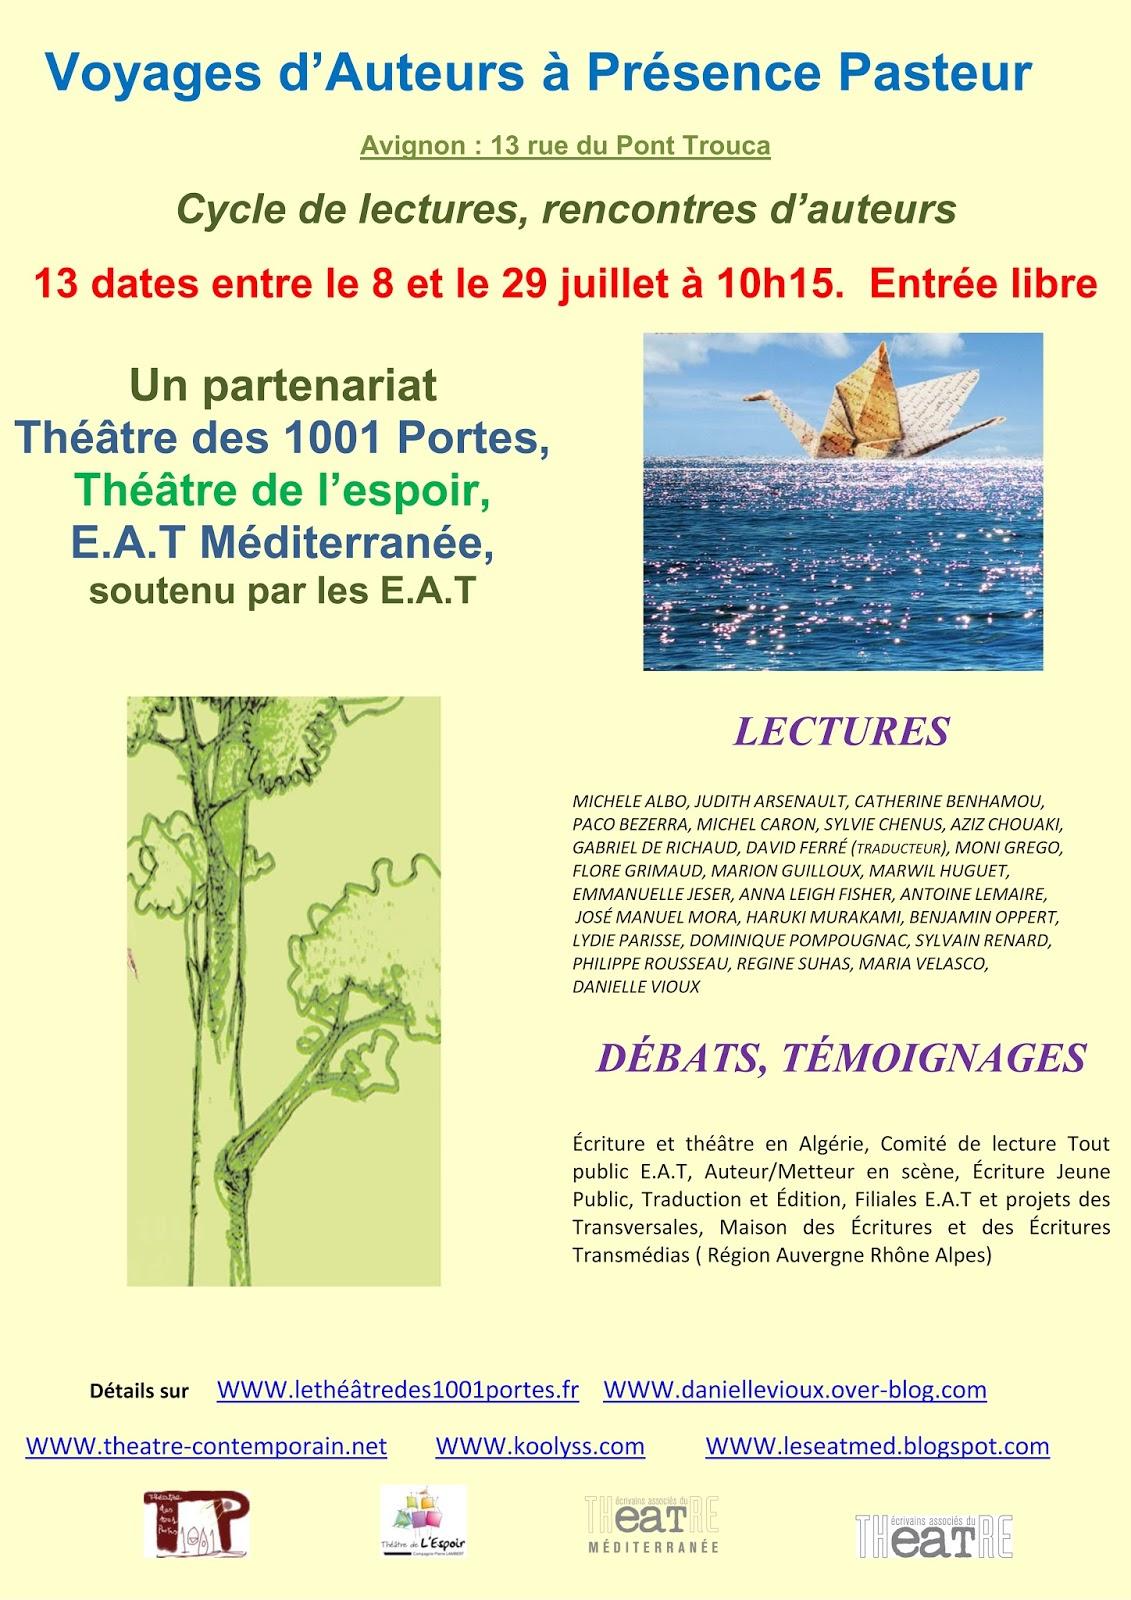 Le blog de michel caron auteur entre autres rendez vous - Avignon off 2017 programme ...